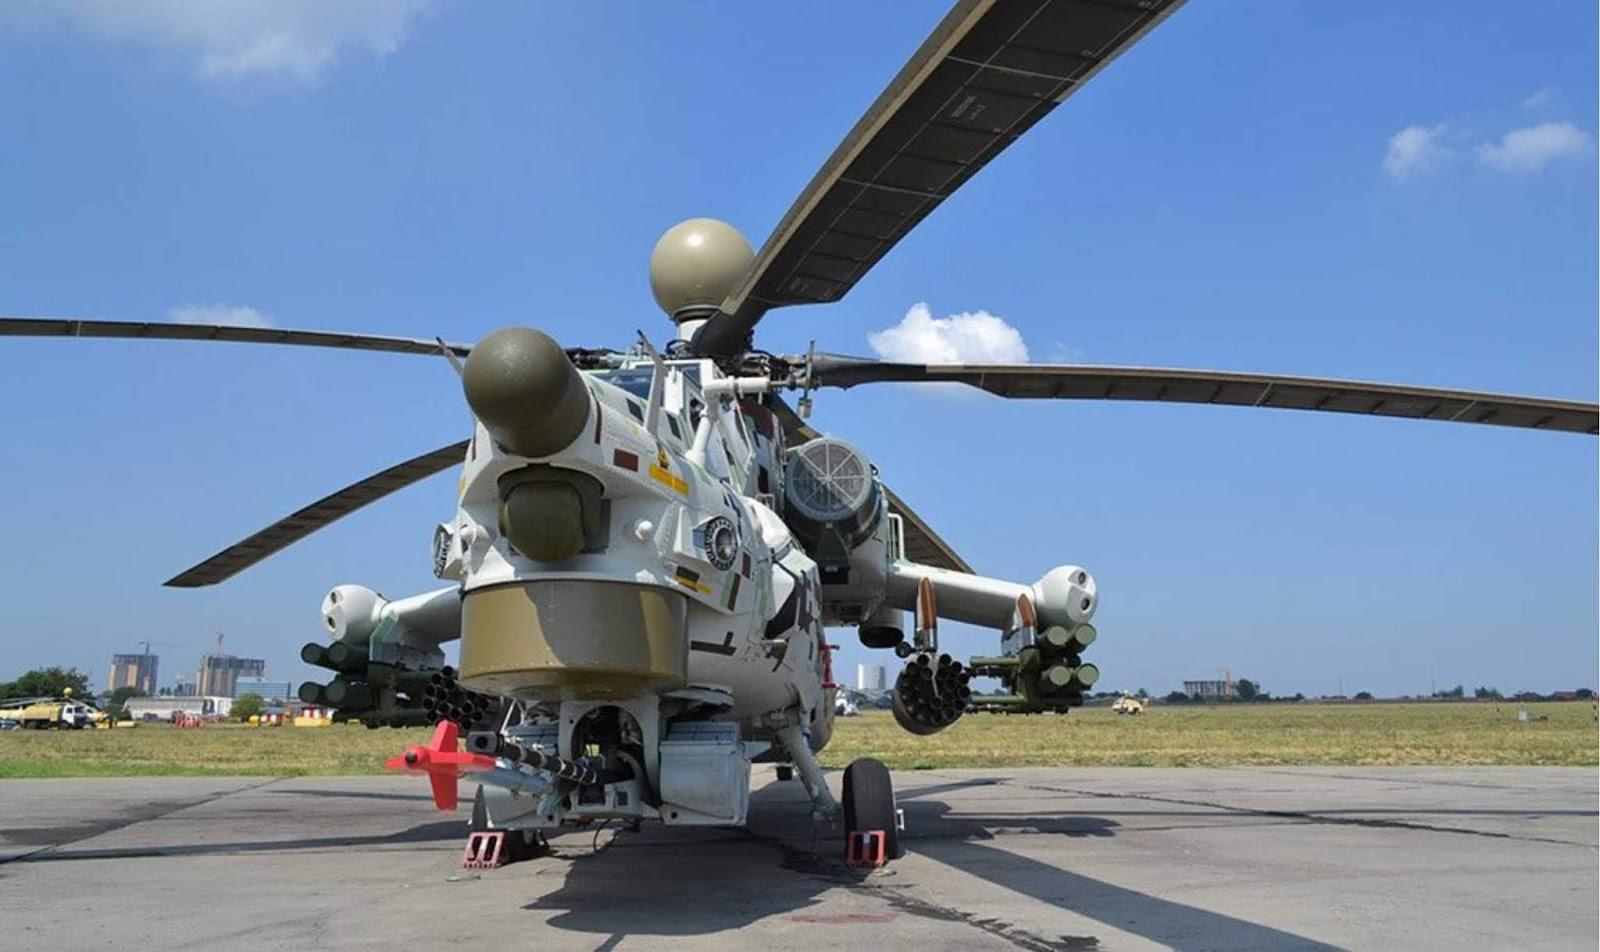 Helikopter Mi-28NM akan mempersenjatai rudal dengan jangkauan lebih dari 25 km